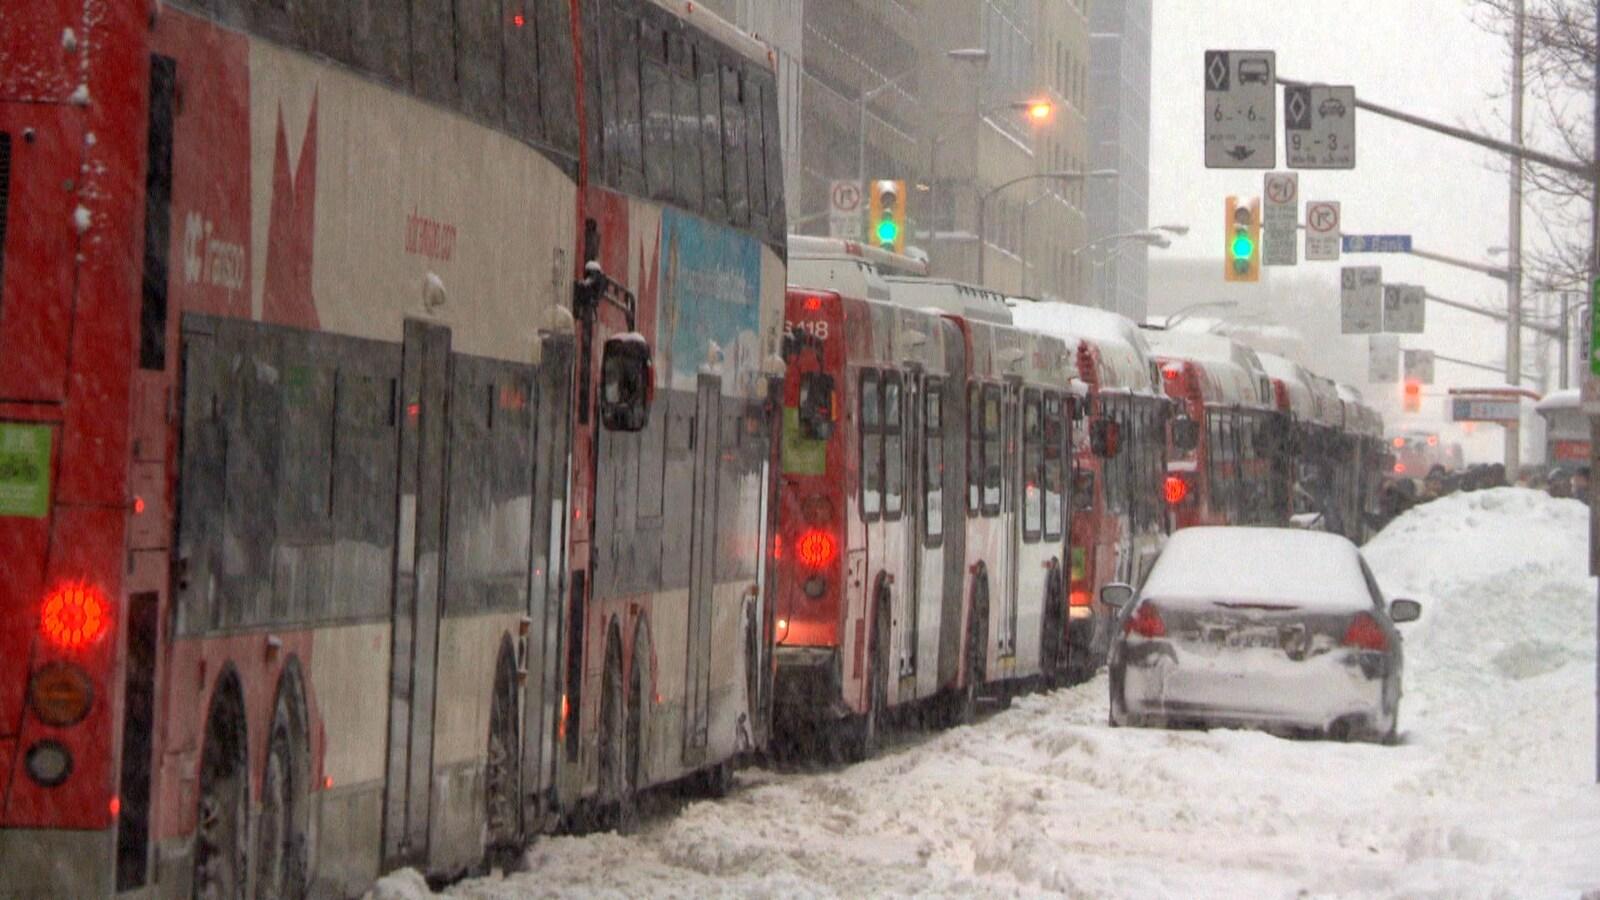 Plusieurs autobus arrêtés à un feu de circulation, sous la neige.